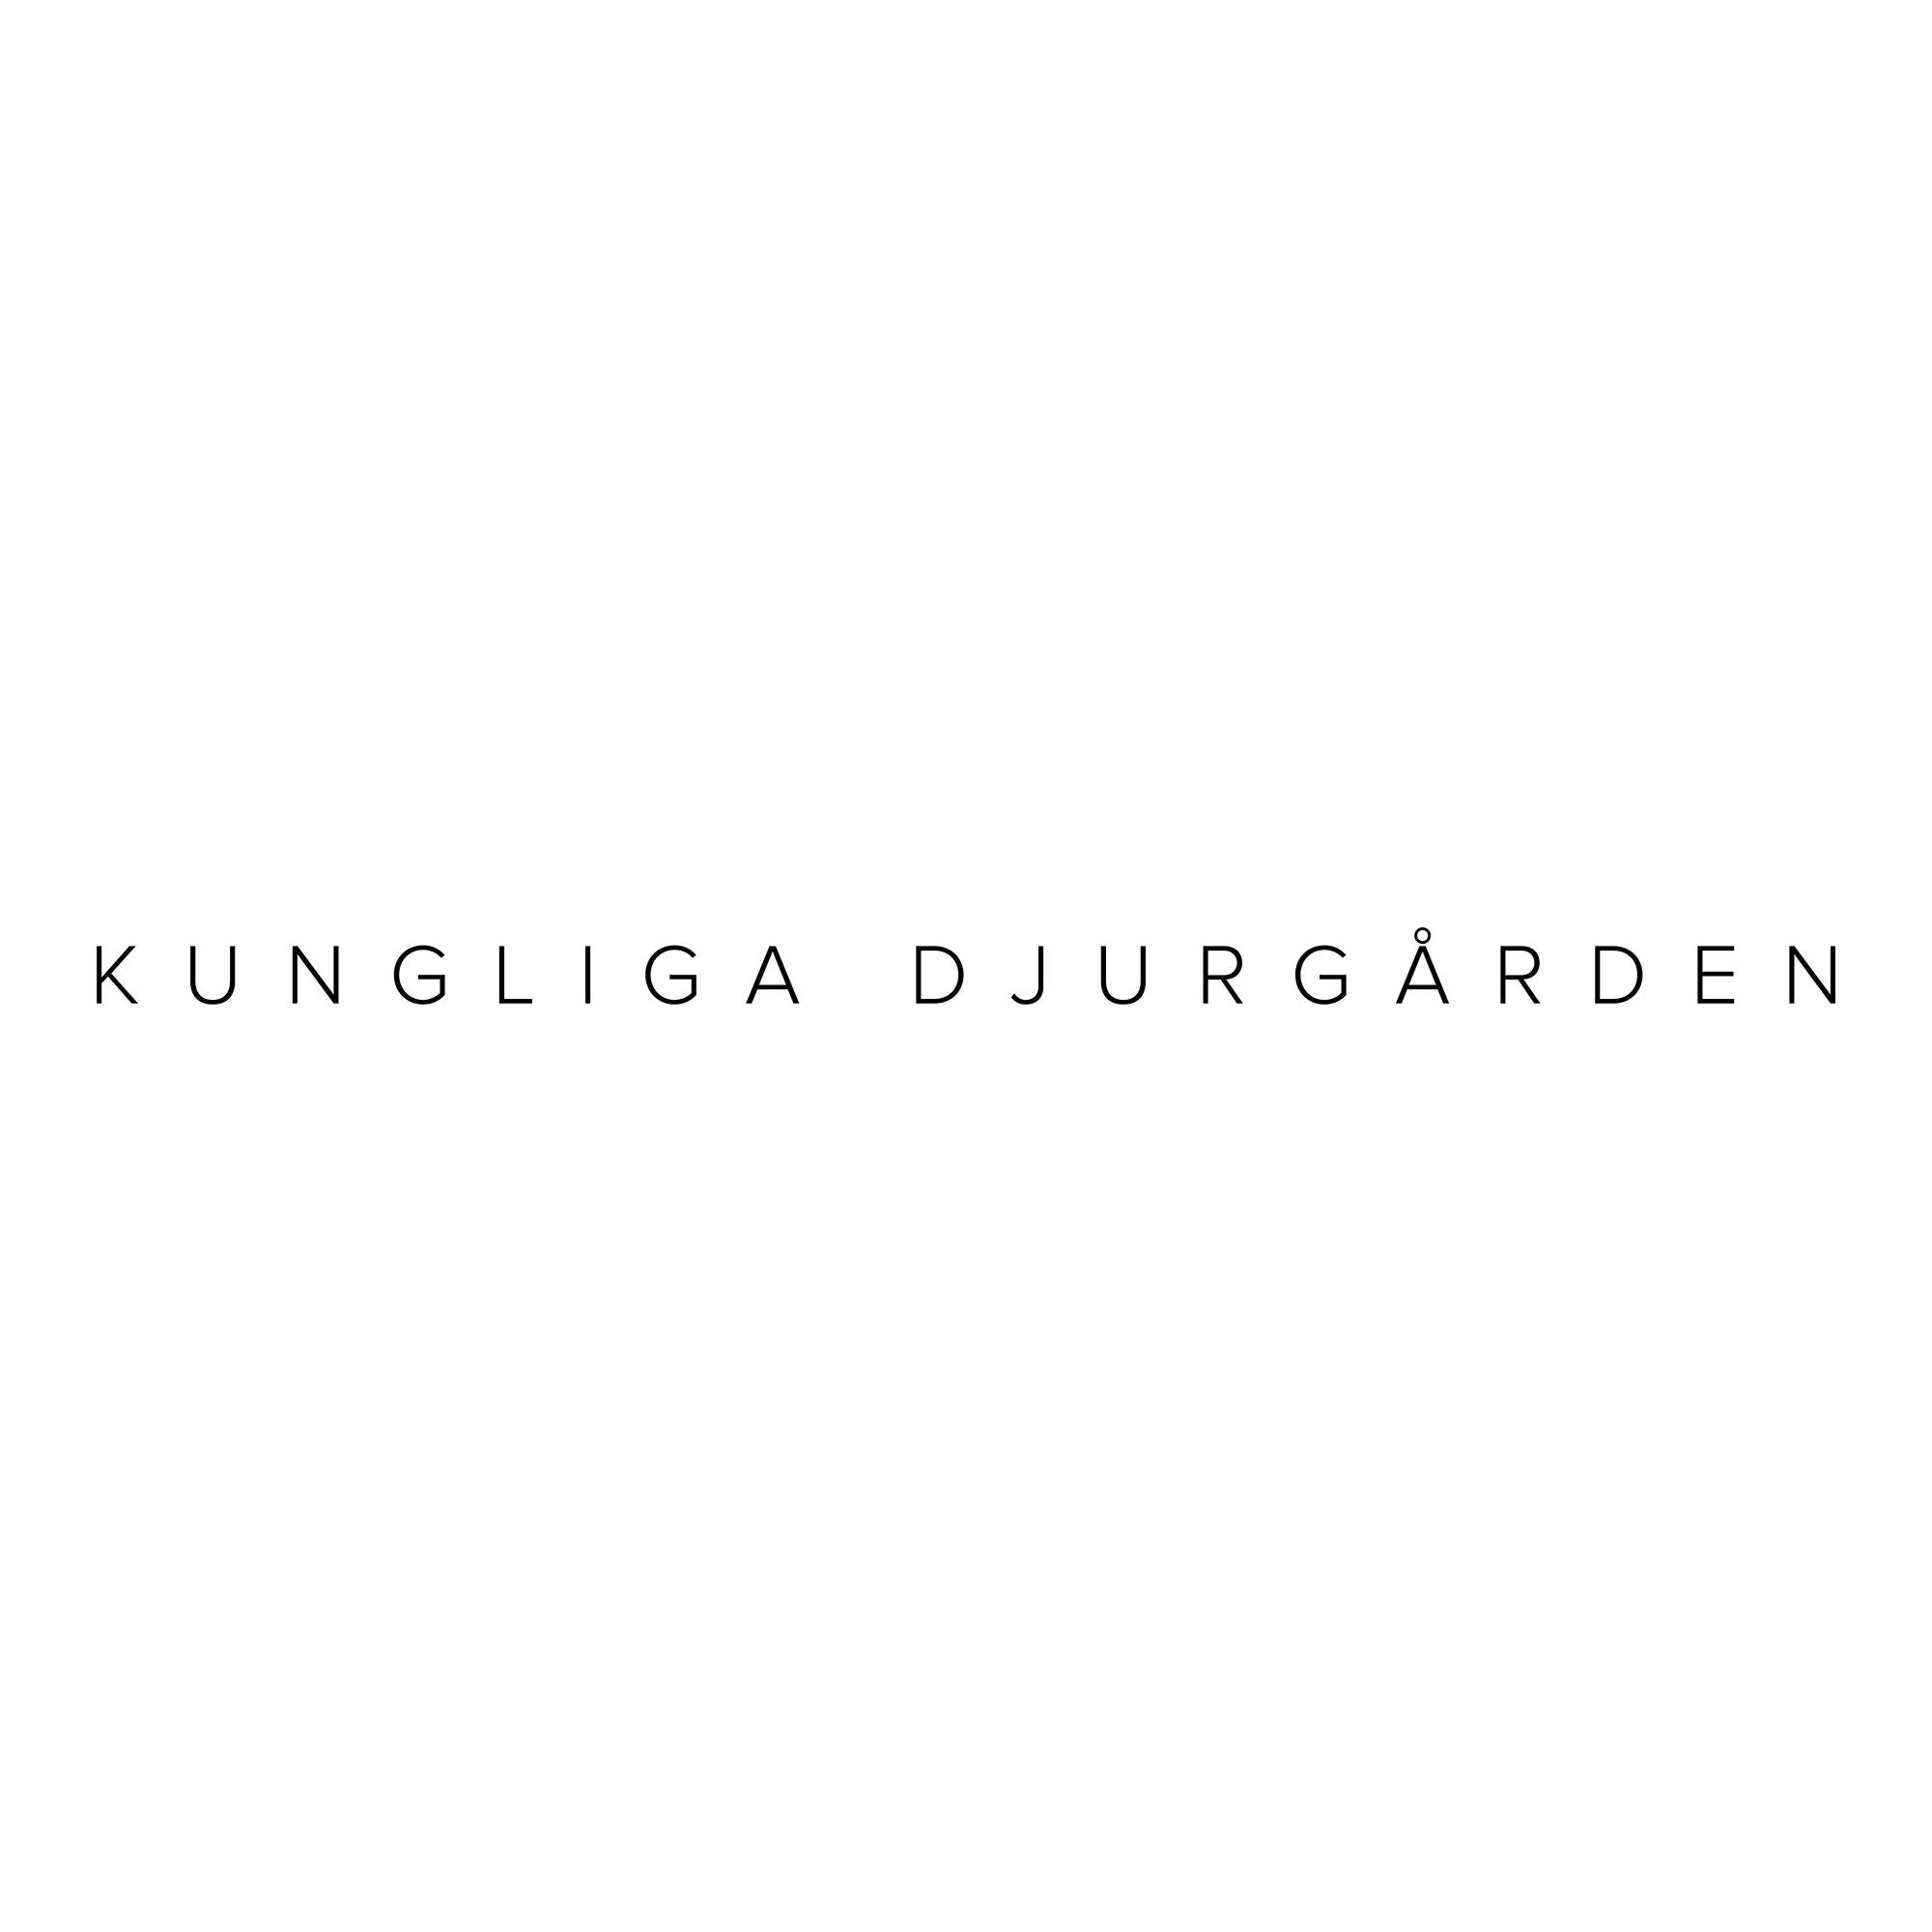 Kungliga Djurgården - copertina